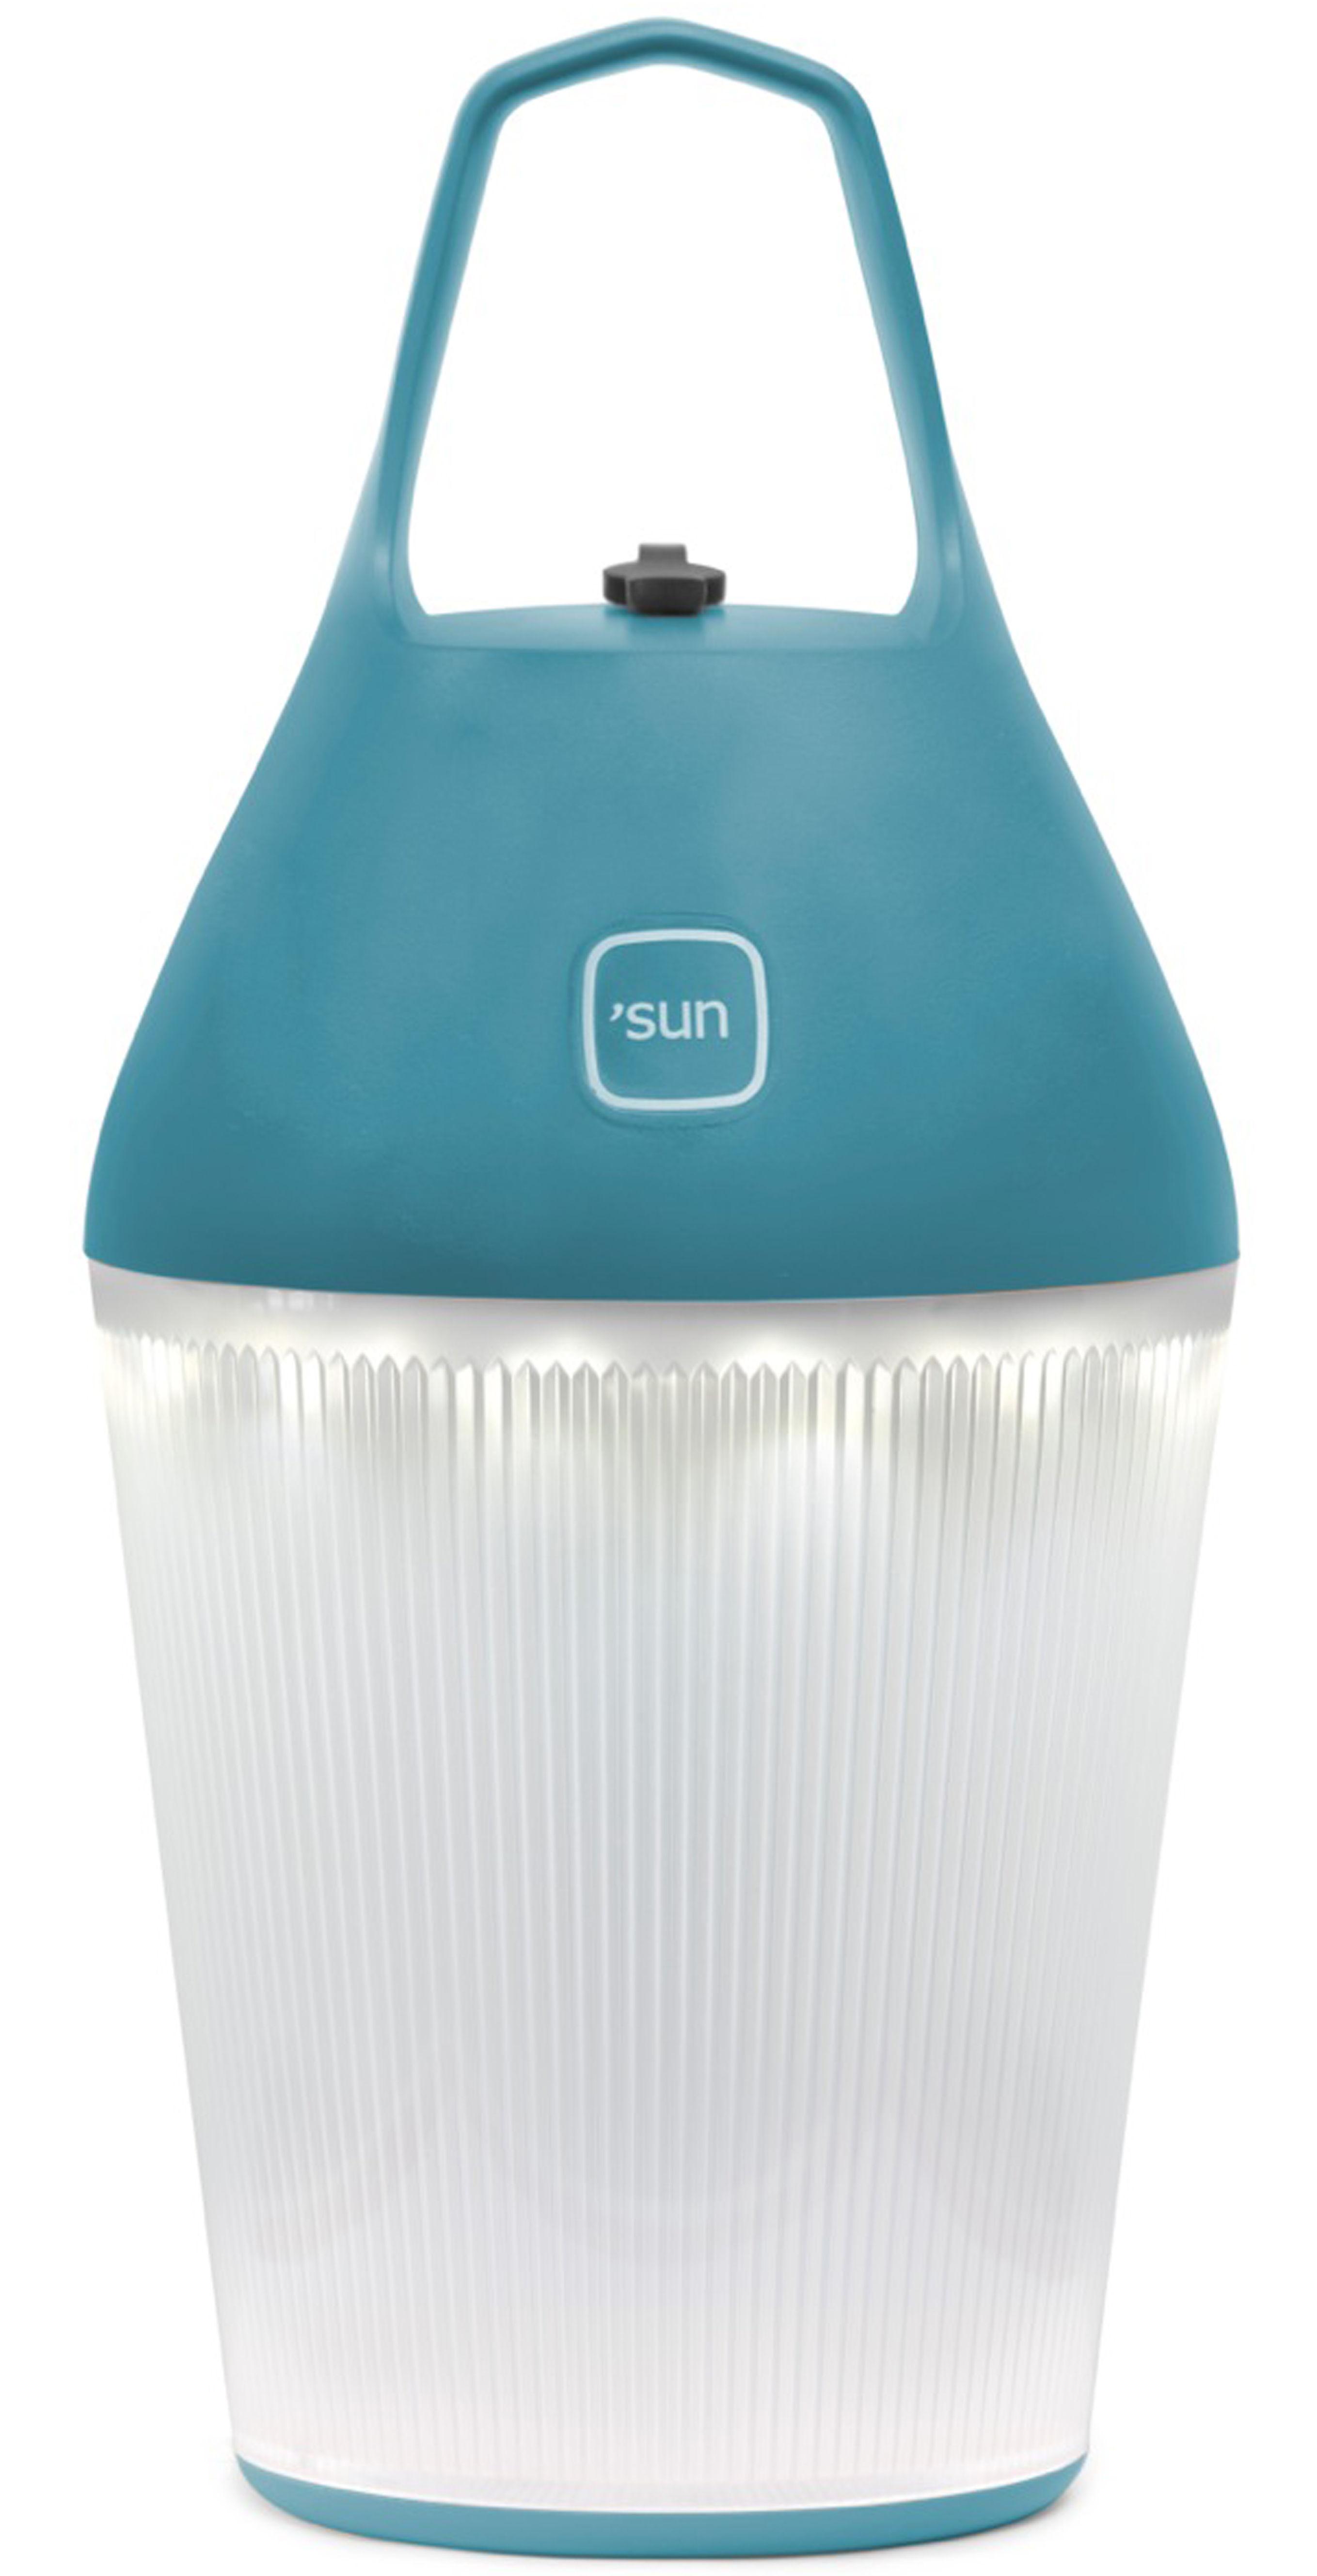 lampe solaire nomad sans fil recharge secteur ou solaire bleu o 39 sun. Black Bedroom Furniture Sets. Home Design Ideas